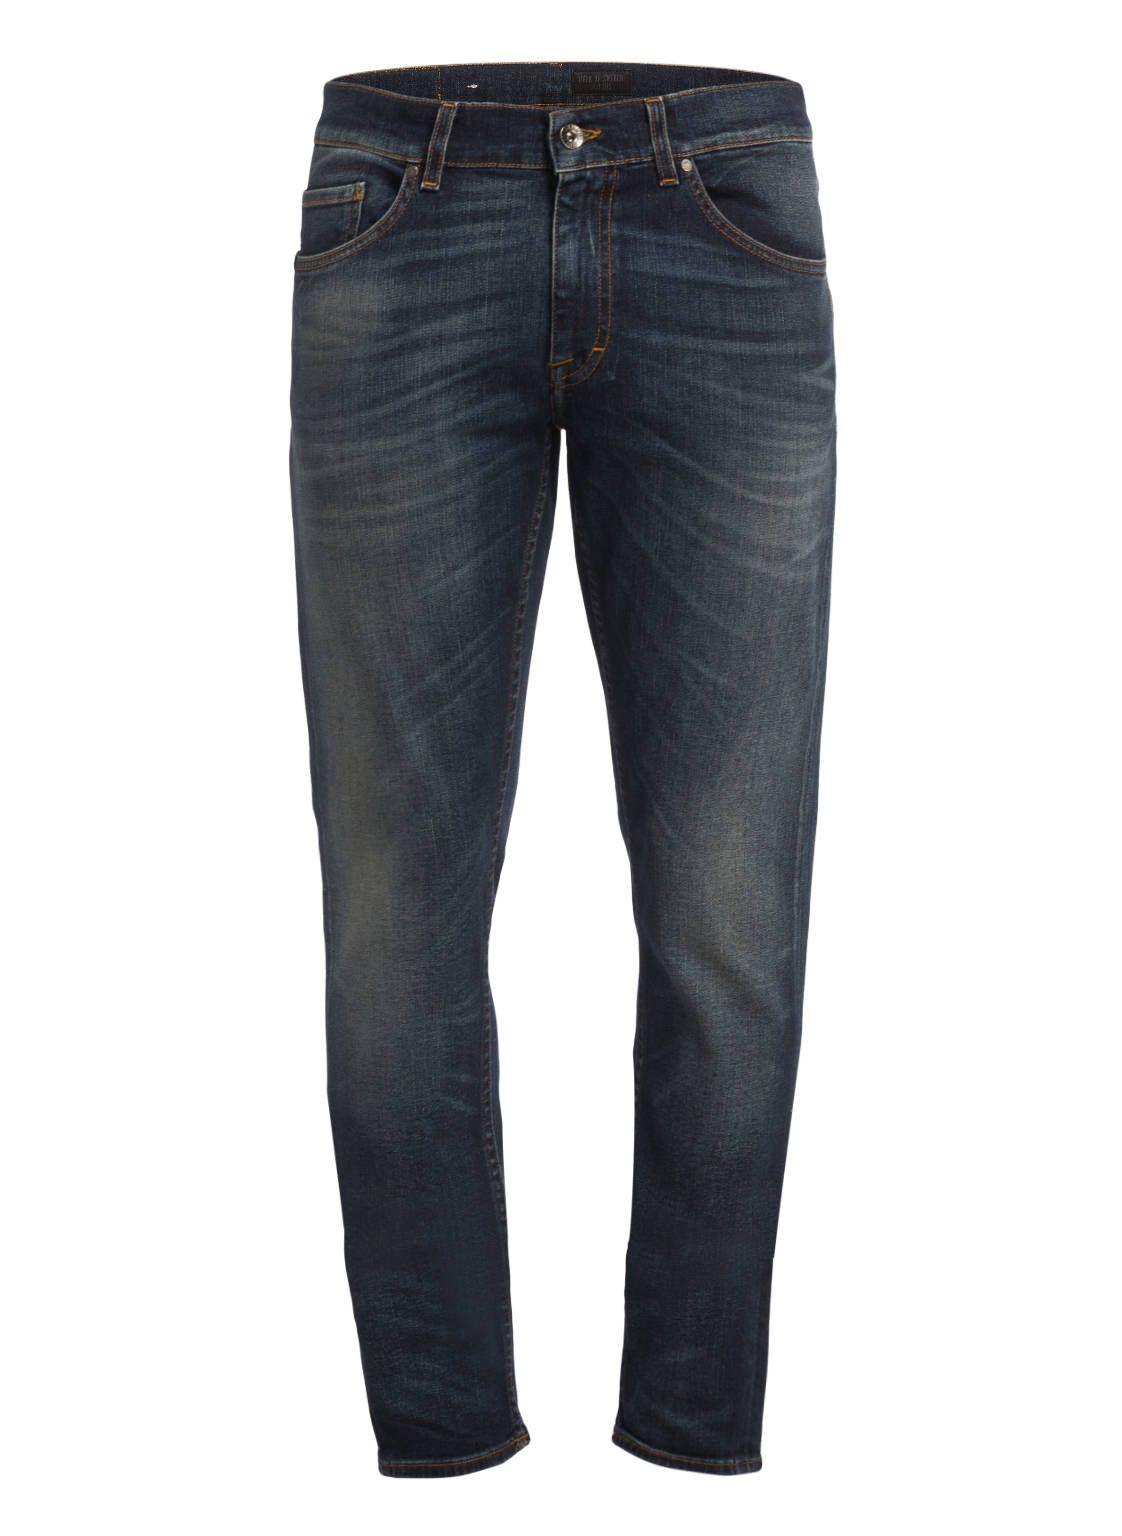 Jeans EVOLVED Slim Fit von TIGER of Sweden bei Breuninger kaufen